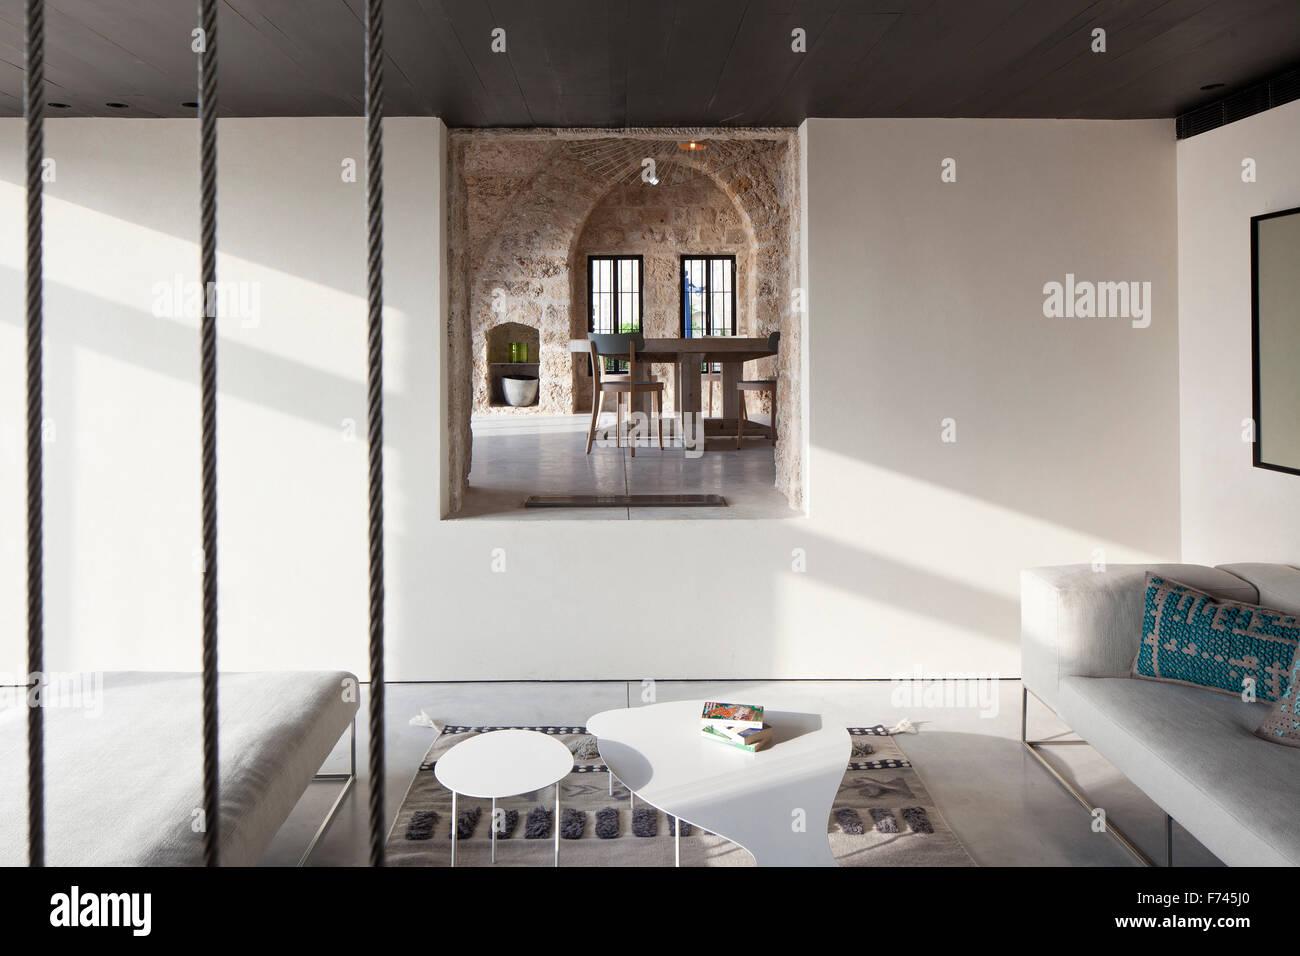 Split level living room in  House, Jaffa, Tel Aviv, Israel - Stock Image